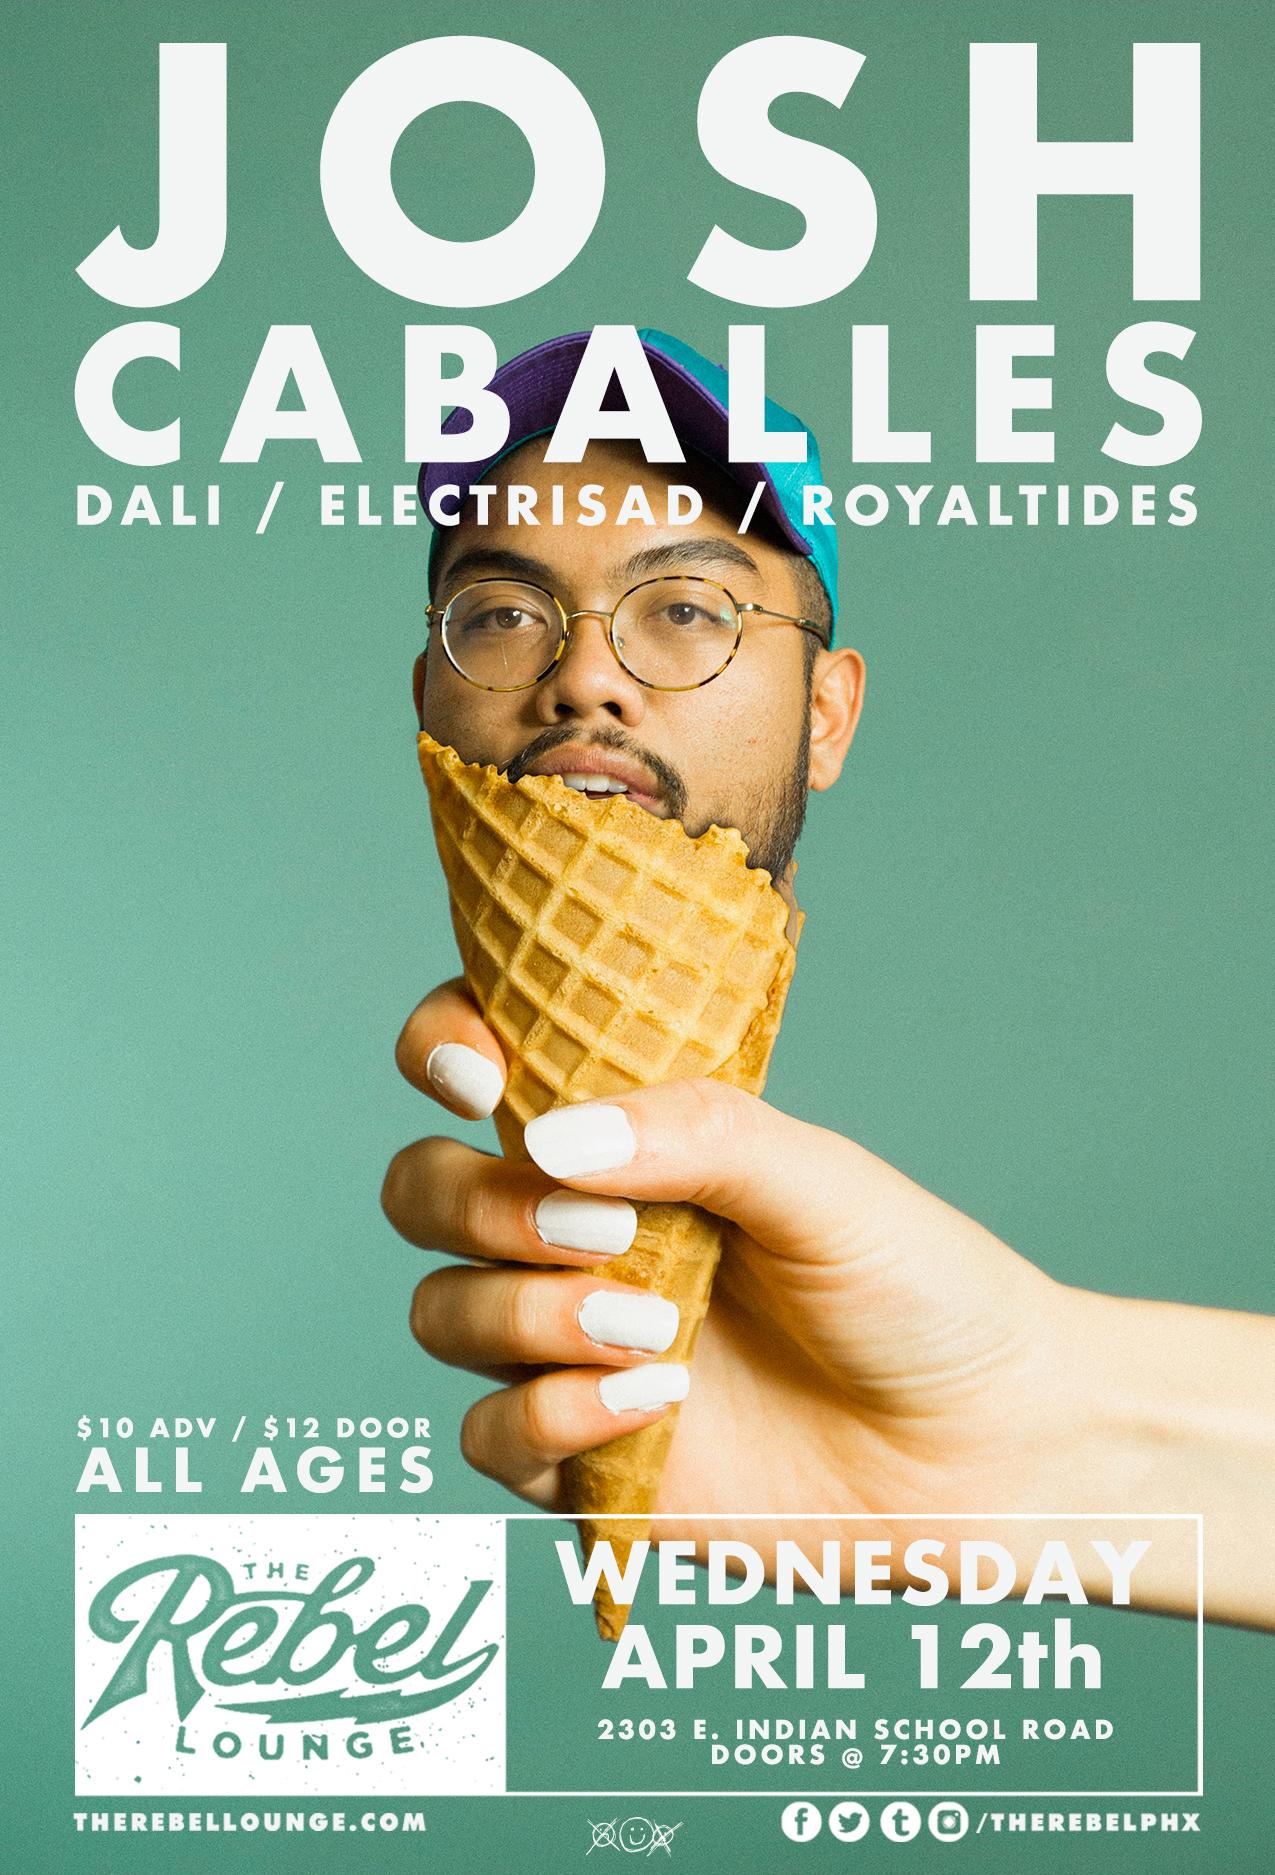 Josh Caballes ft Dali - Electrisad - Royal Tides - 4.12.17. | 7:30PM | 2303 E Indian School Road Doors